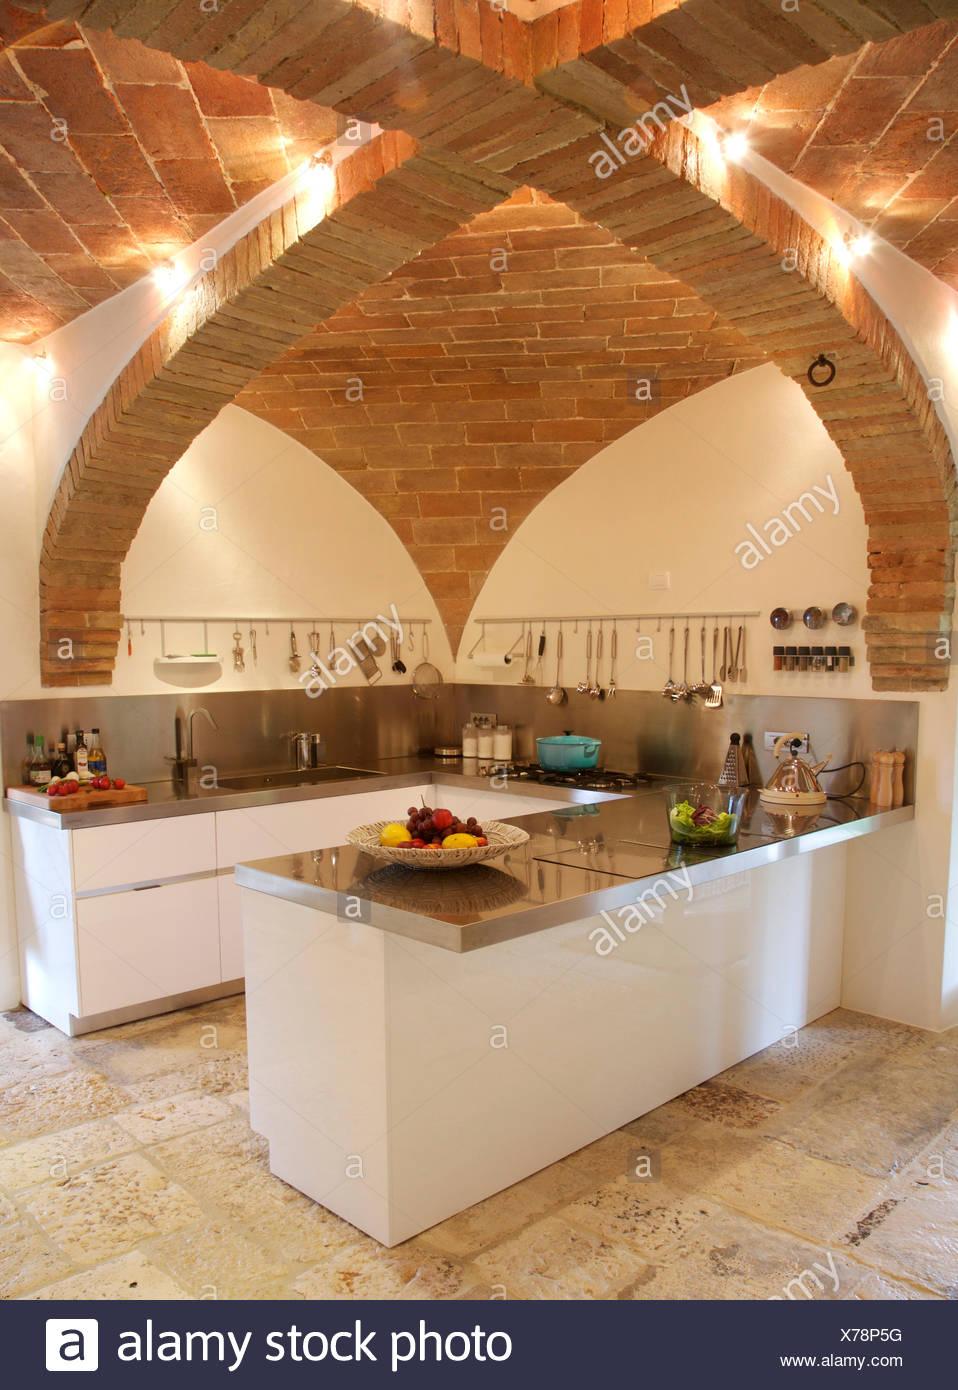 Gewölbte Ziegel Decke In Modernen Italienischen Küche Mit  Granit Arbeitsplatten Auf Modern Ausgestattete Einheiten